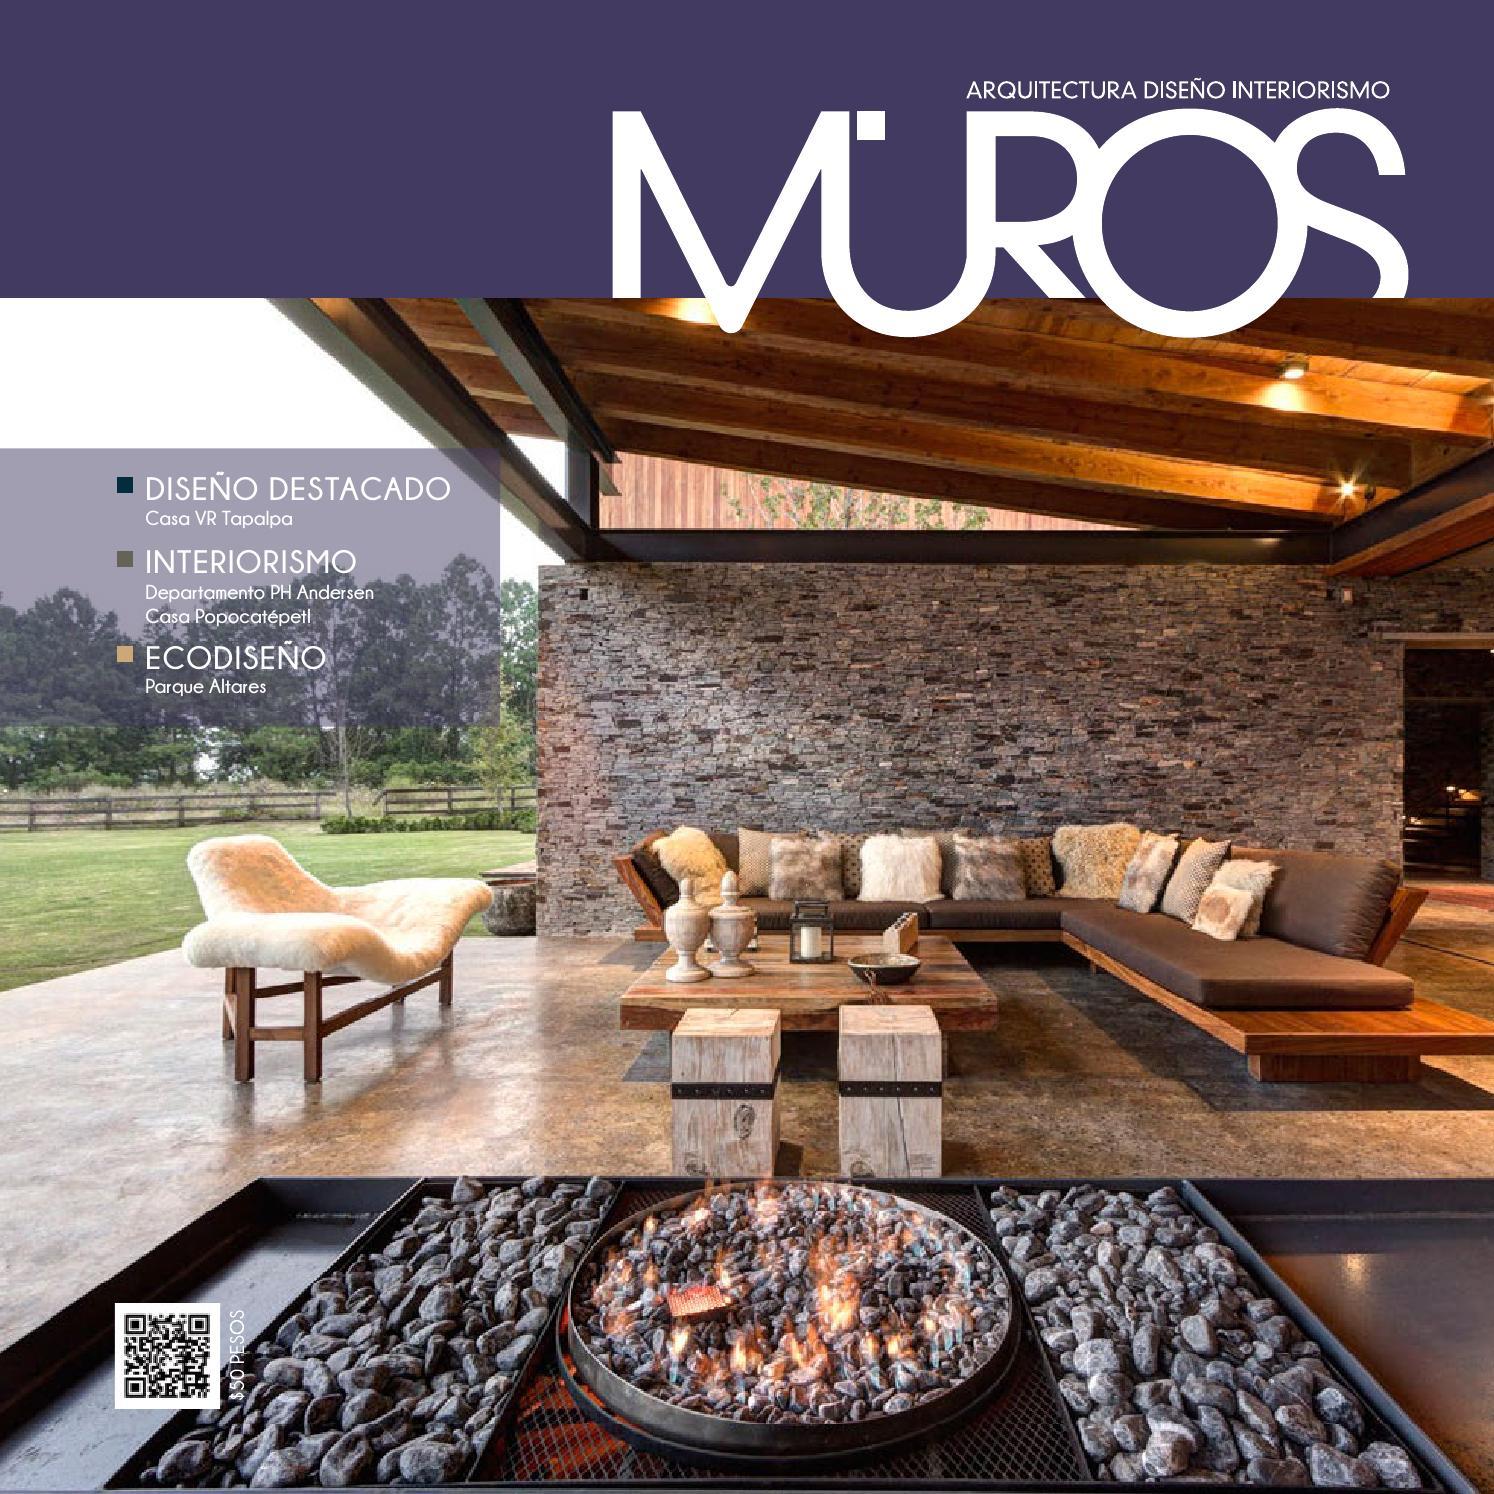 Edici n 20 revista muros arquitectura dise o for Casa y jardin revista pdf